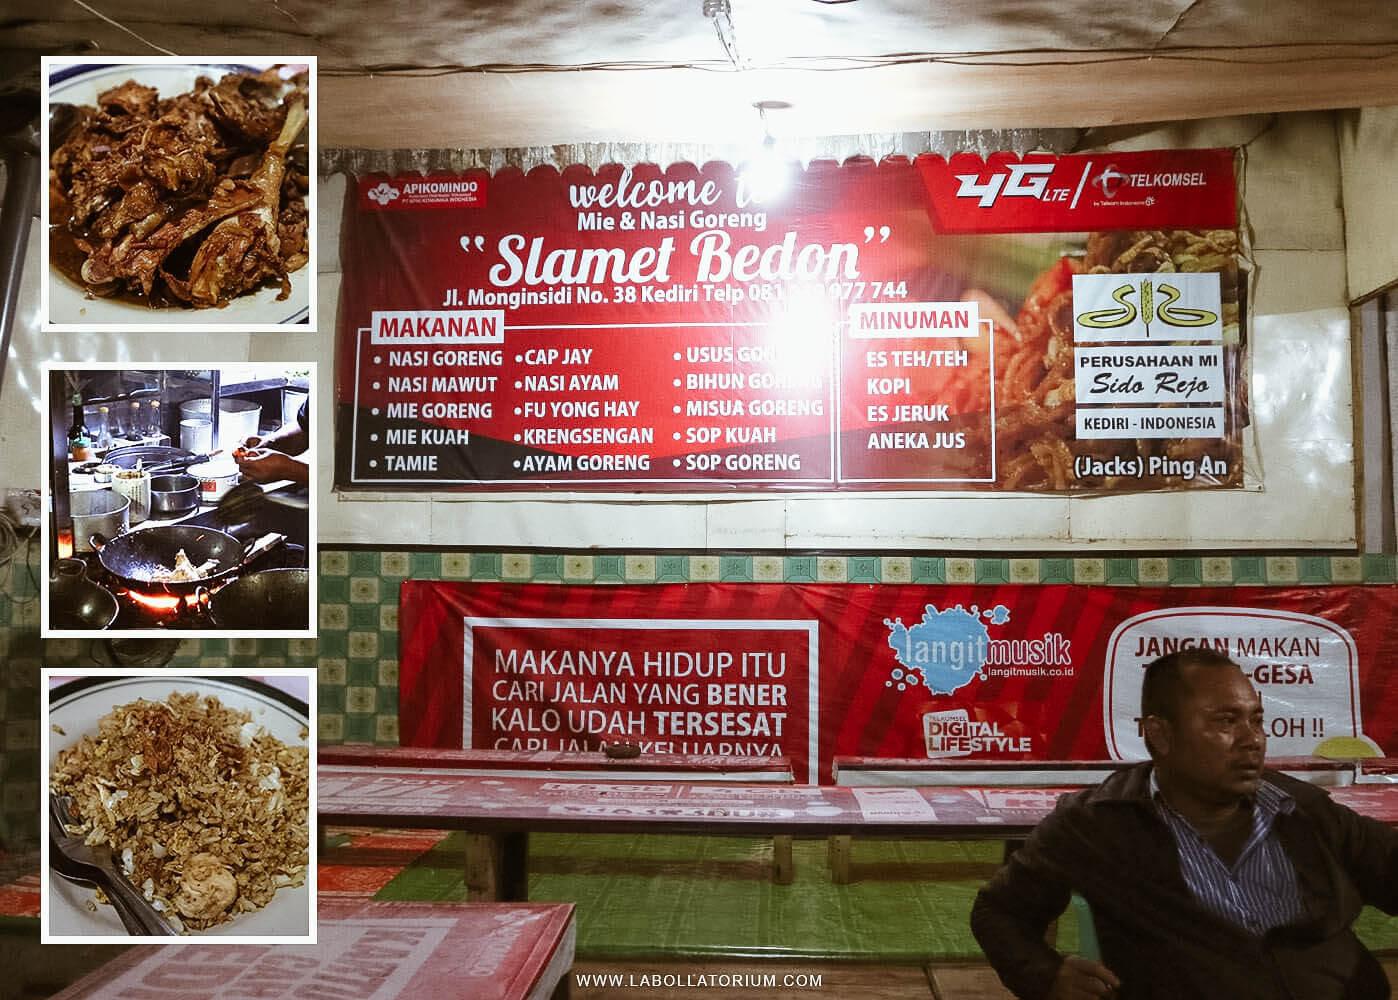 Mie dan Nasi Goreng Slamet Bedon Kediri - 7 Tempat Recommended Saat Explore Kediri Circa 2017